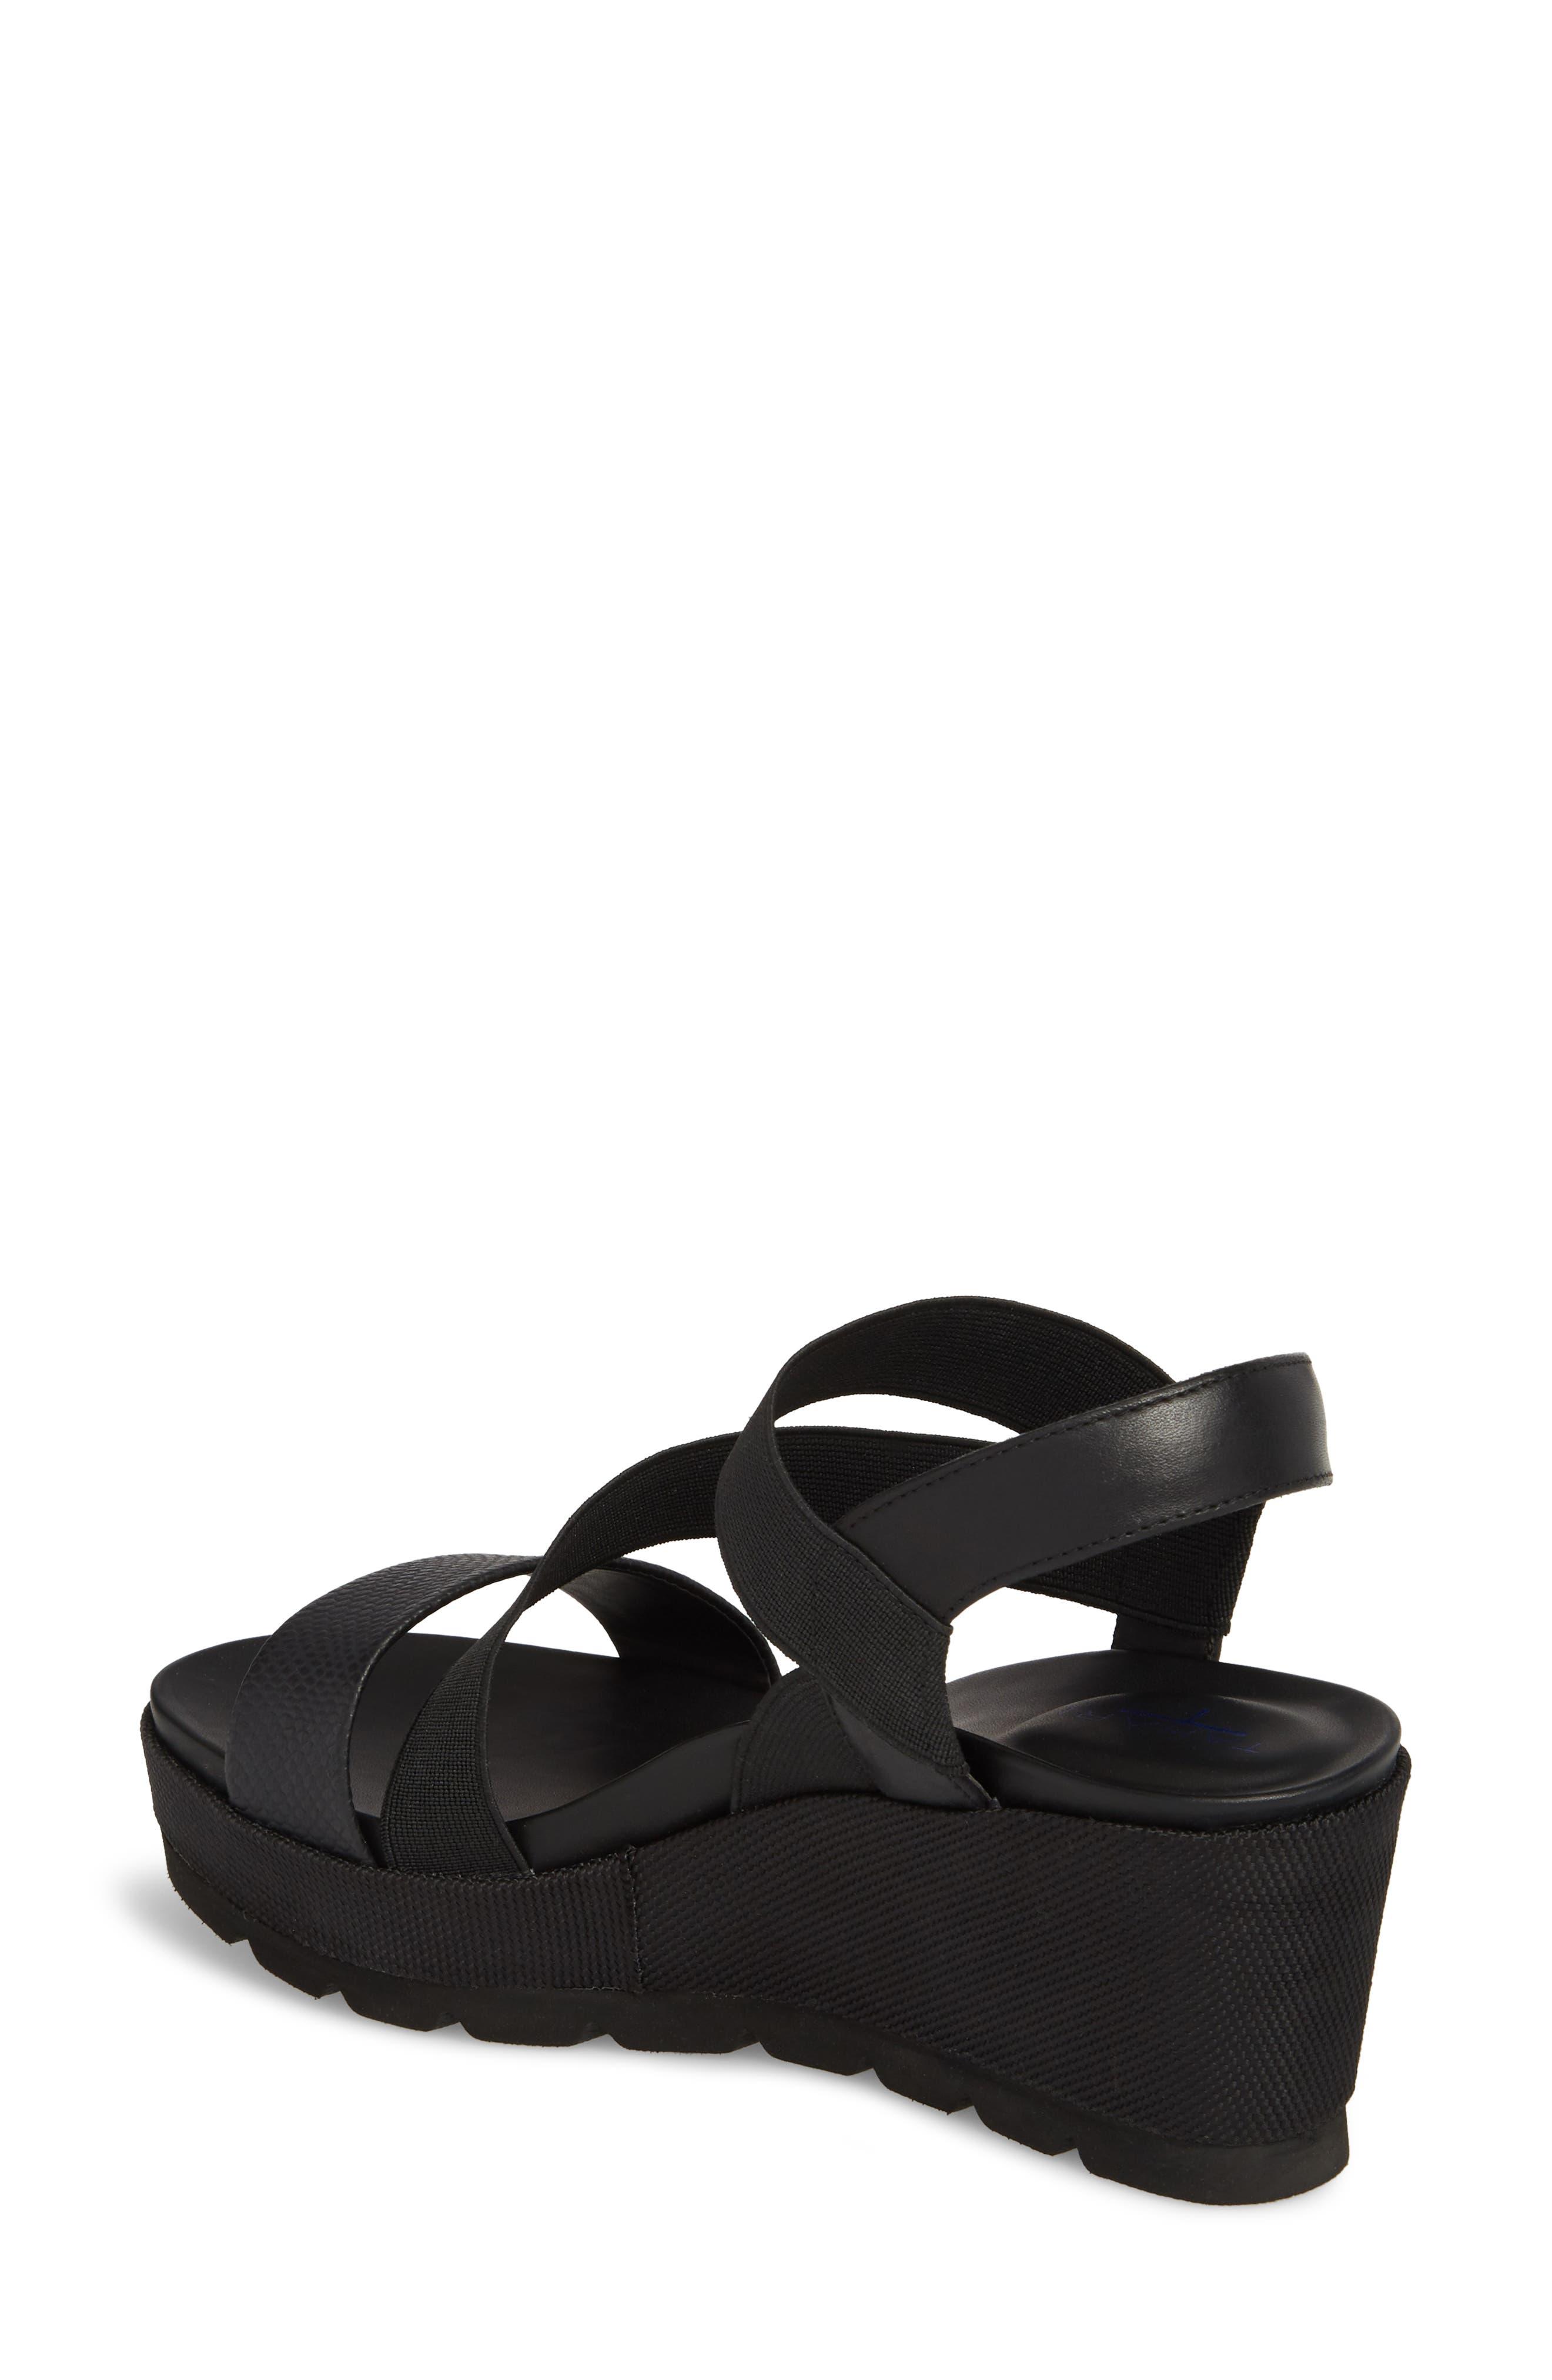 TT-Gabel Sandal,                             Alternate thumbnail 2, color,                             Black Leather